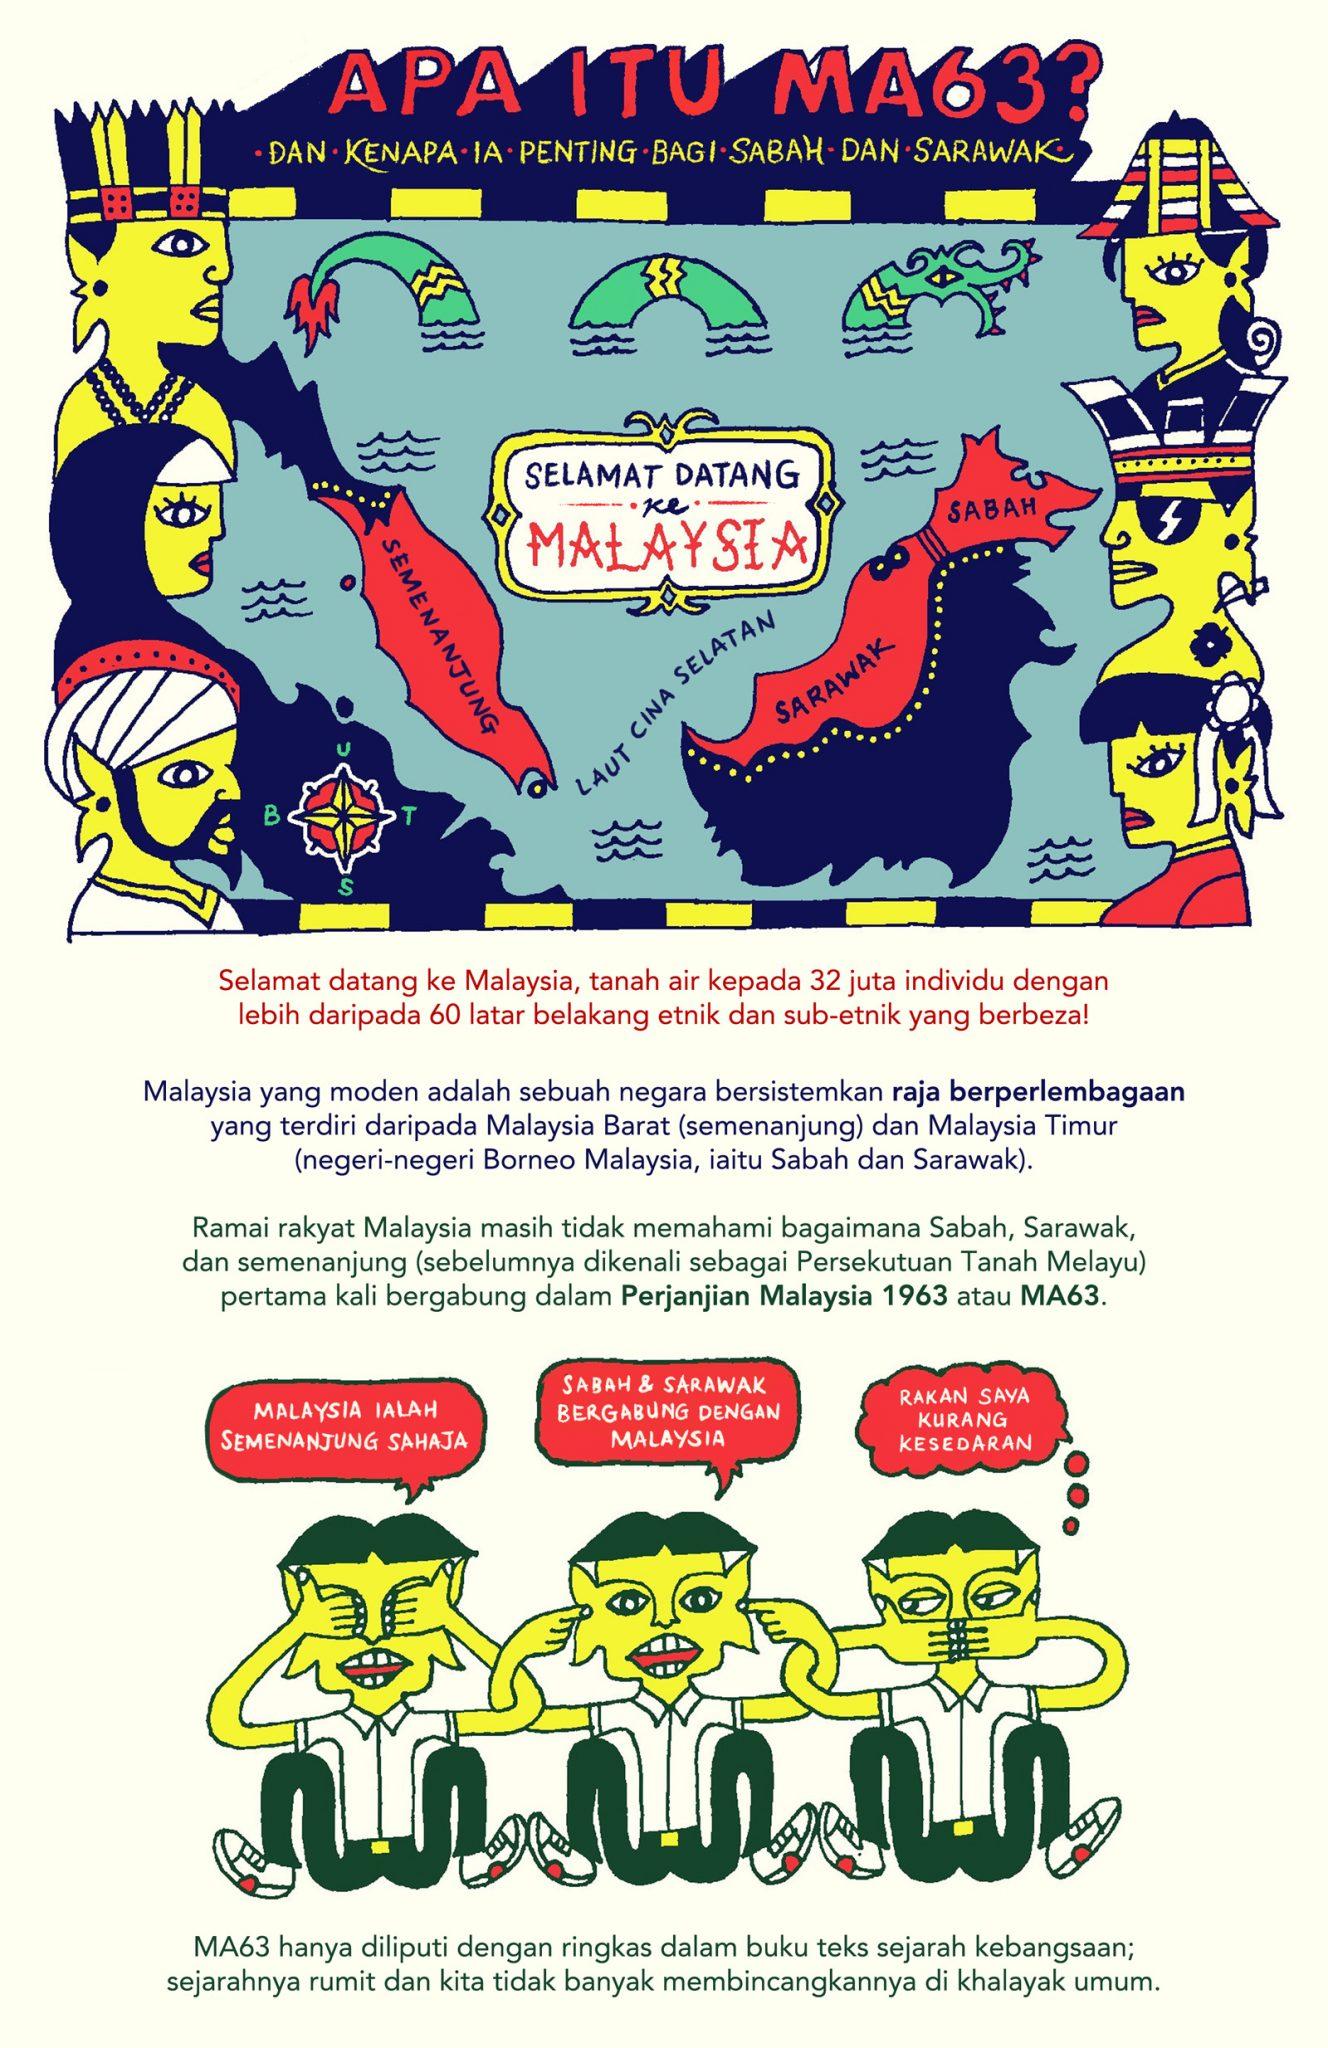 Apa itu MA63? Dan Kenapa ia Penting Bagi Sabah dan Sarawak ...